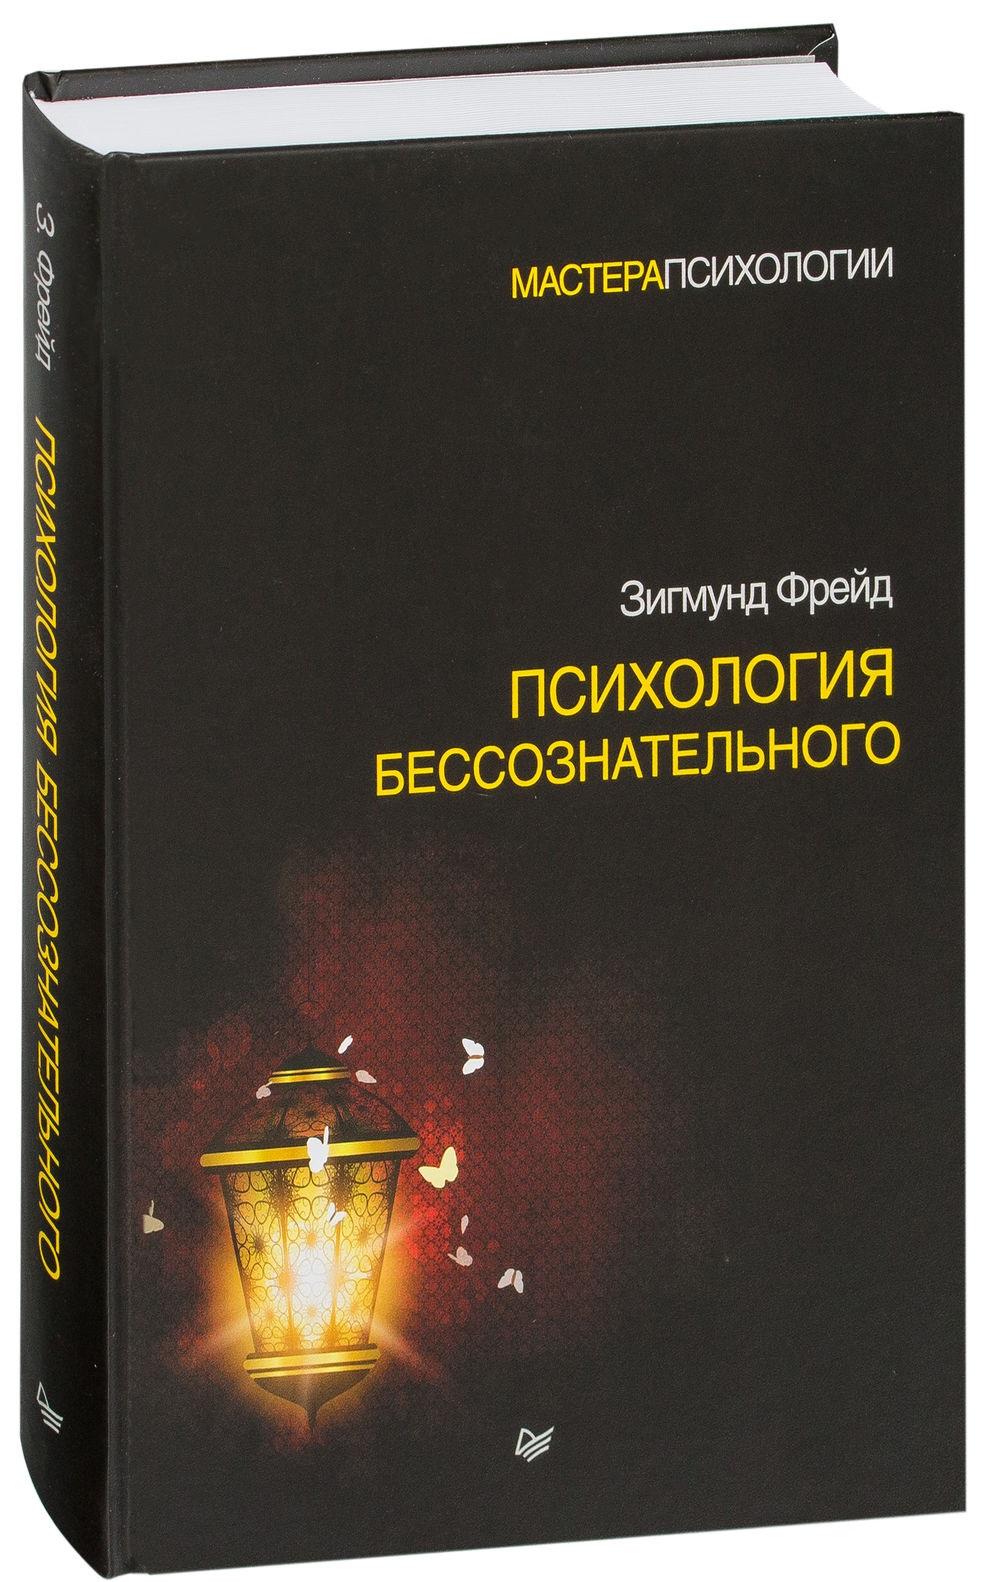 Купить Психология бессознательного, Зигмунд Фрейд, 978-5-496-03022-9